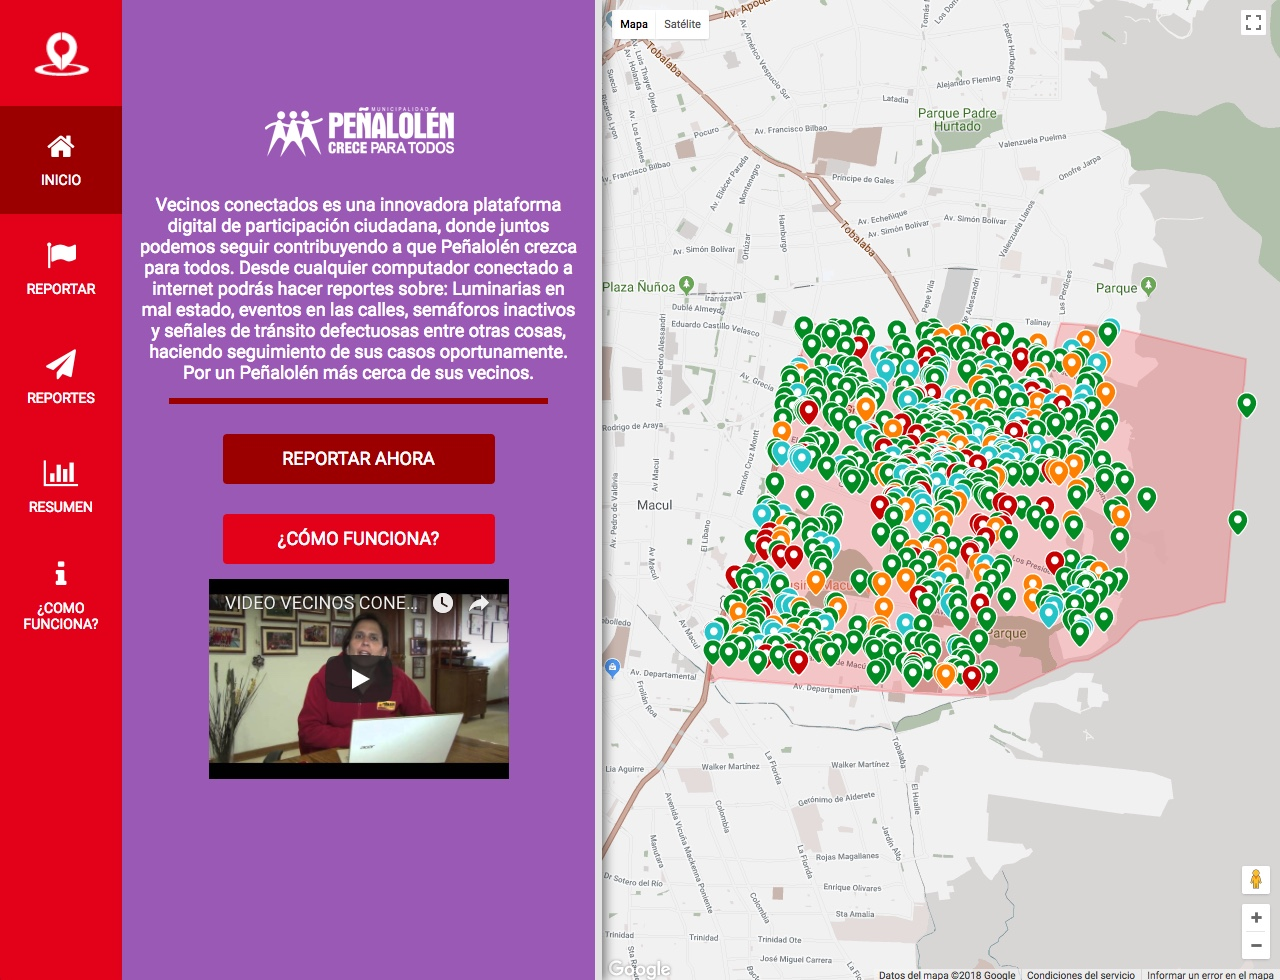 Peñalolén. Vecinos conectados